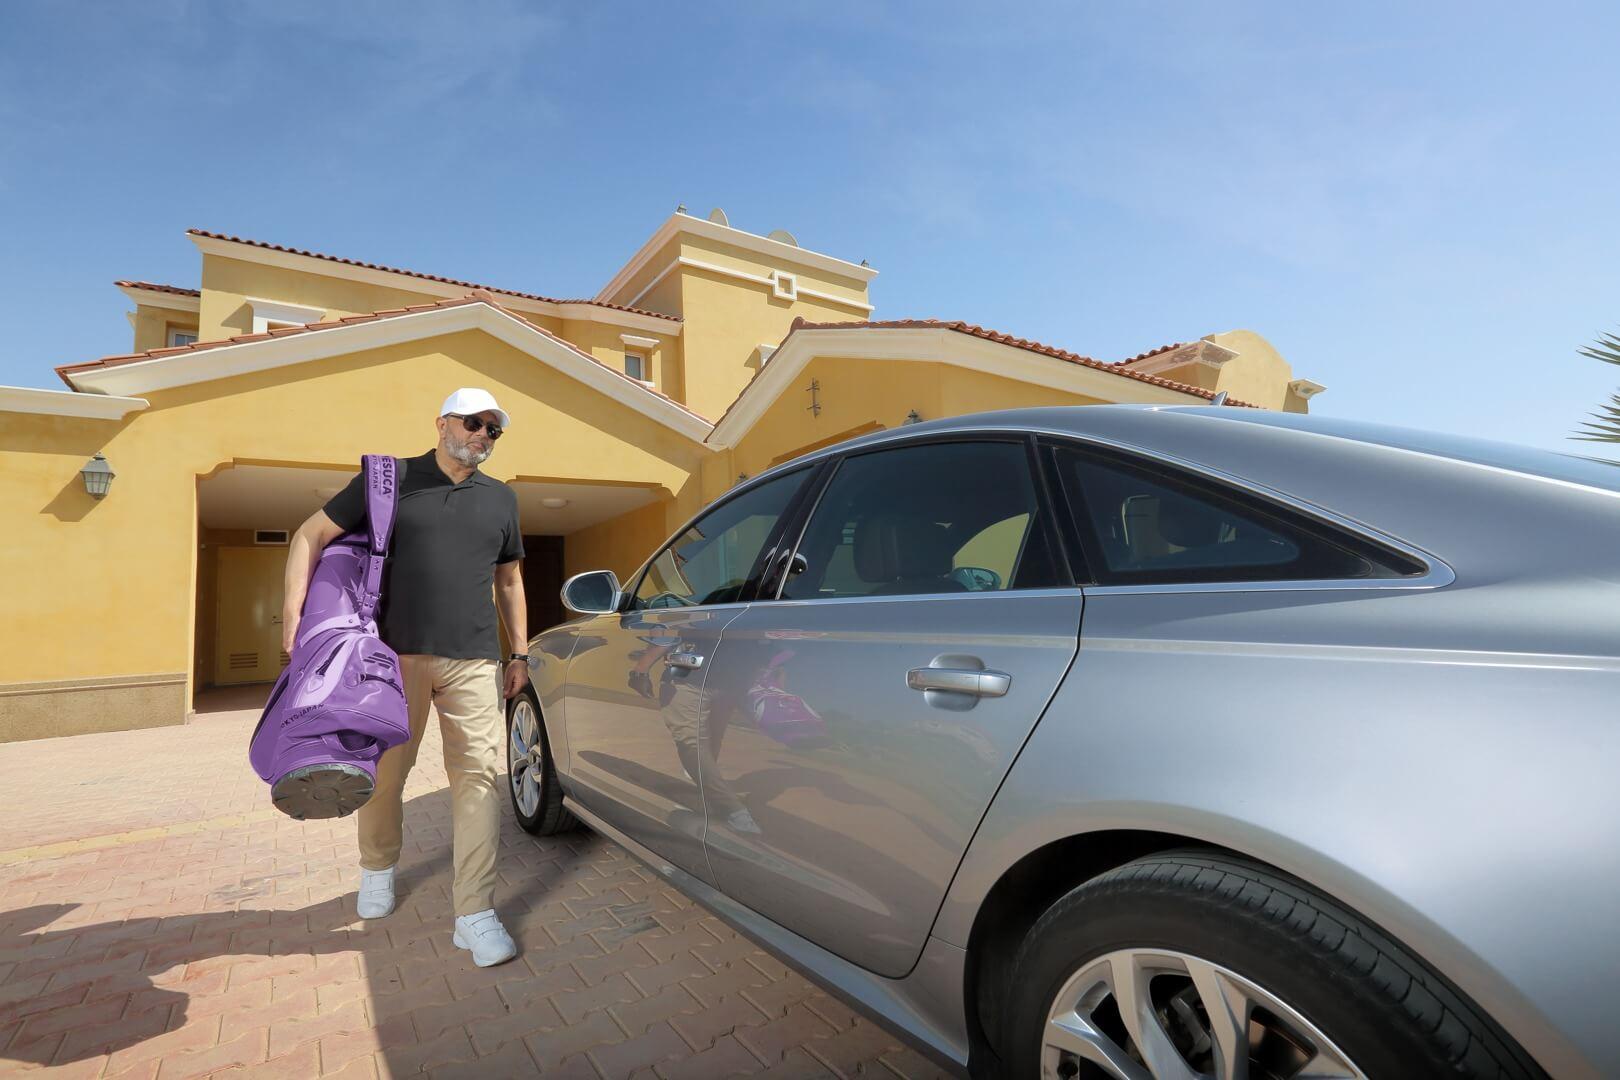 فيلا المروج  - مدينة الملك عبد الله الاقتصادية